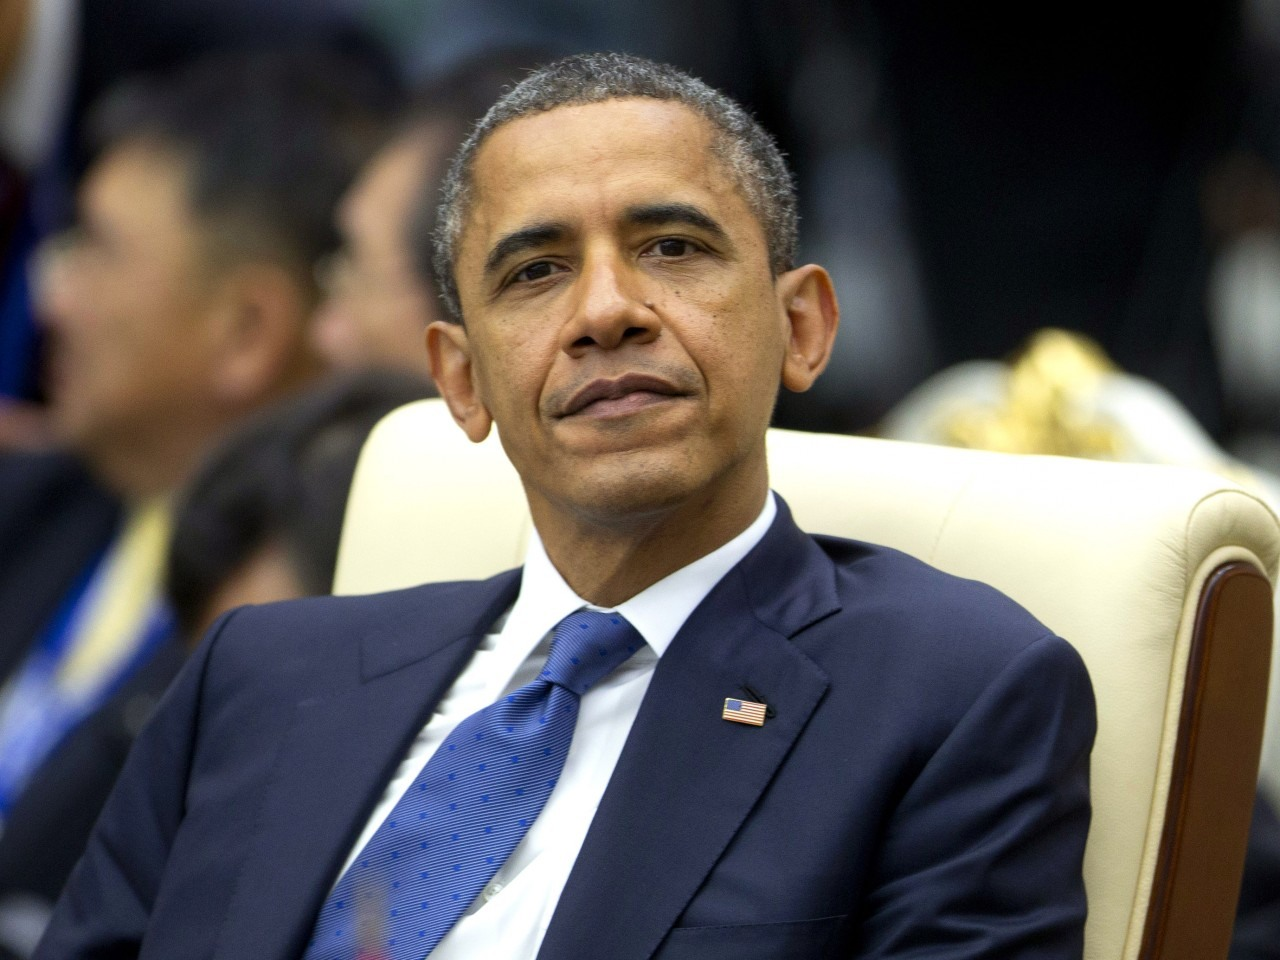 كيف كسر أوباما البروتوكول في استقبال الملك سلمان؟